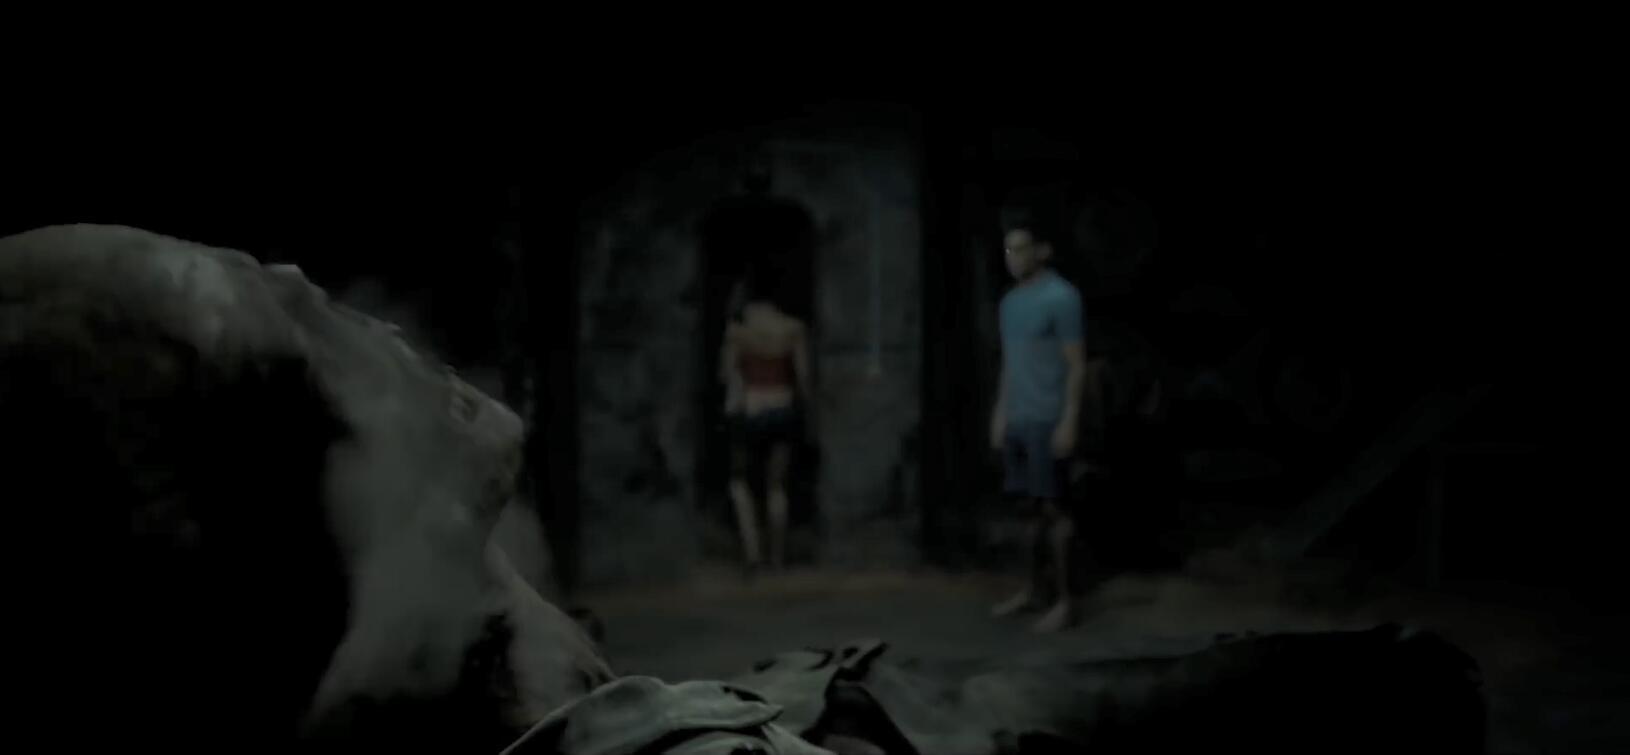 死亡鬼船 《黑暗图集:棉兰之人》第二段开发日志视频展示